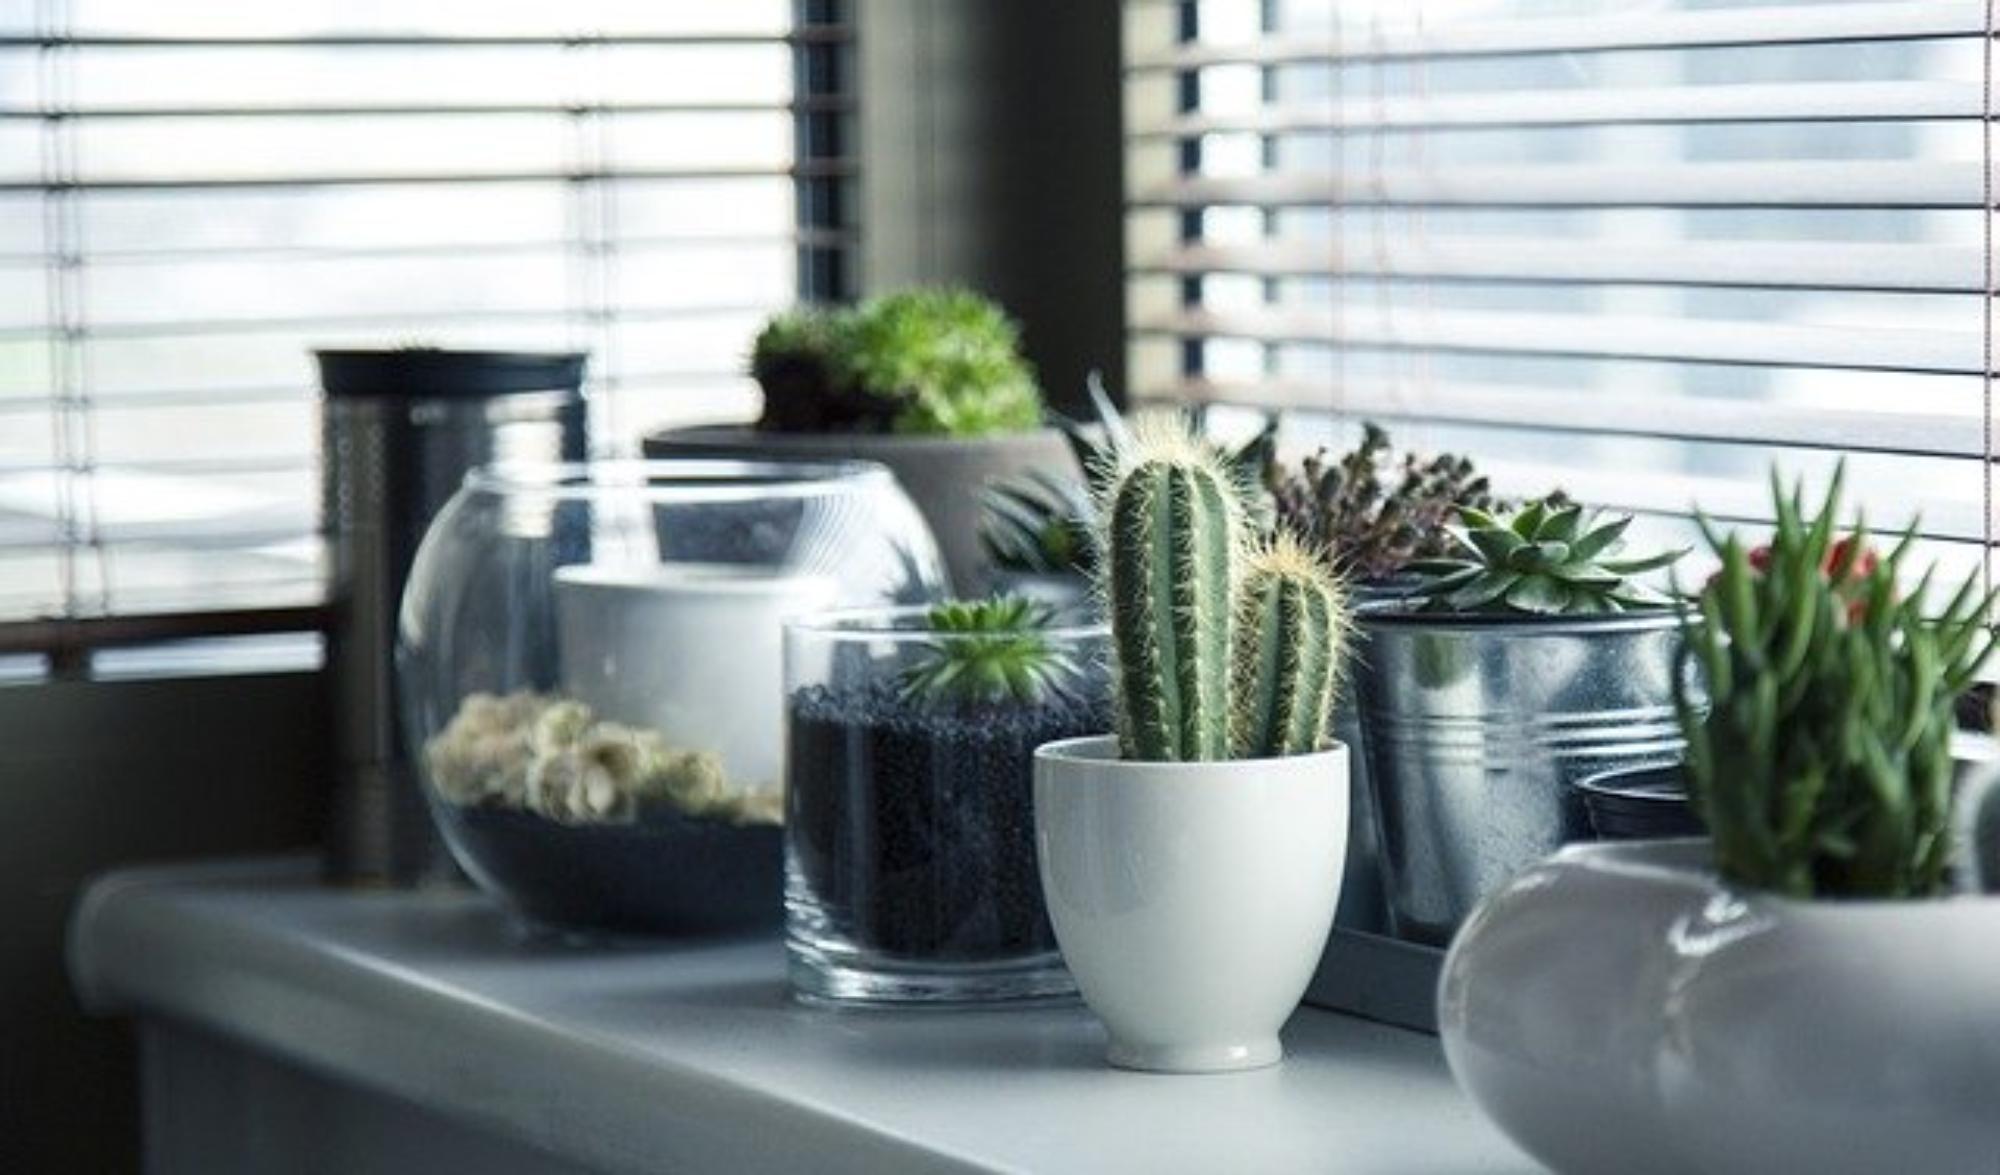 Gatunki kaktusów – czyli coś dla oka